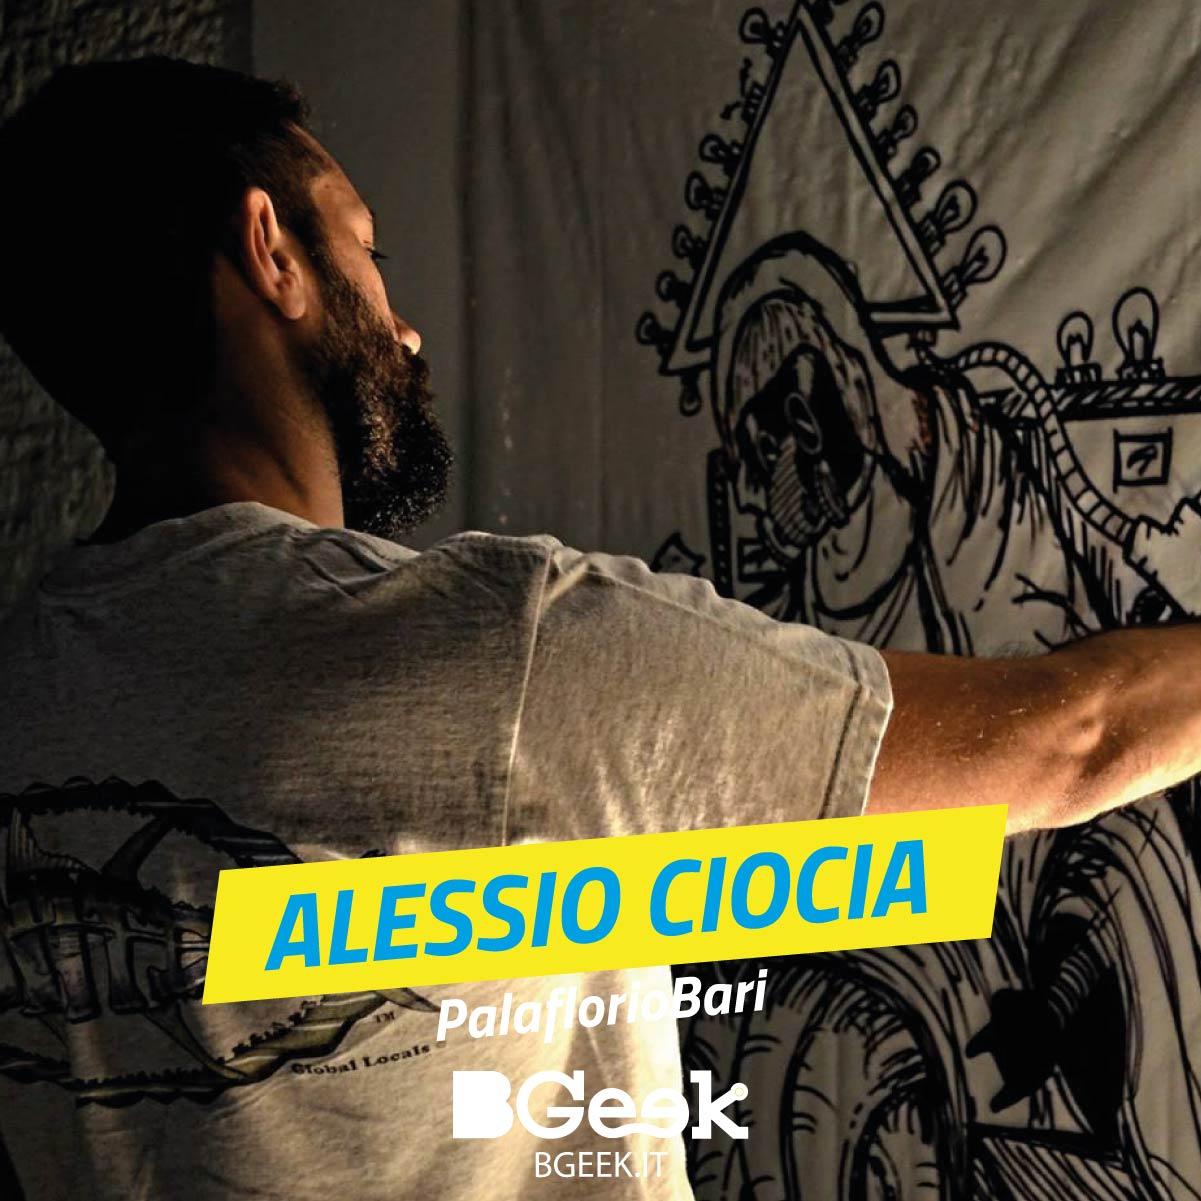 Bgeek_website_ospiti_1200x1200_ALESSIO CIOCIA